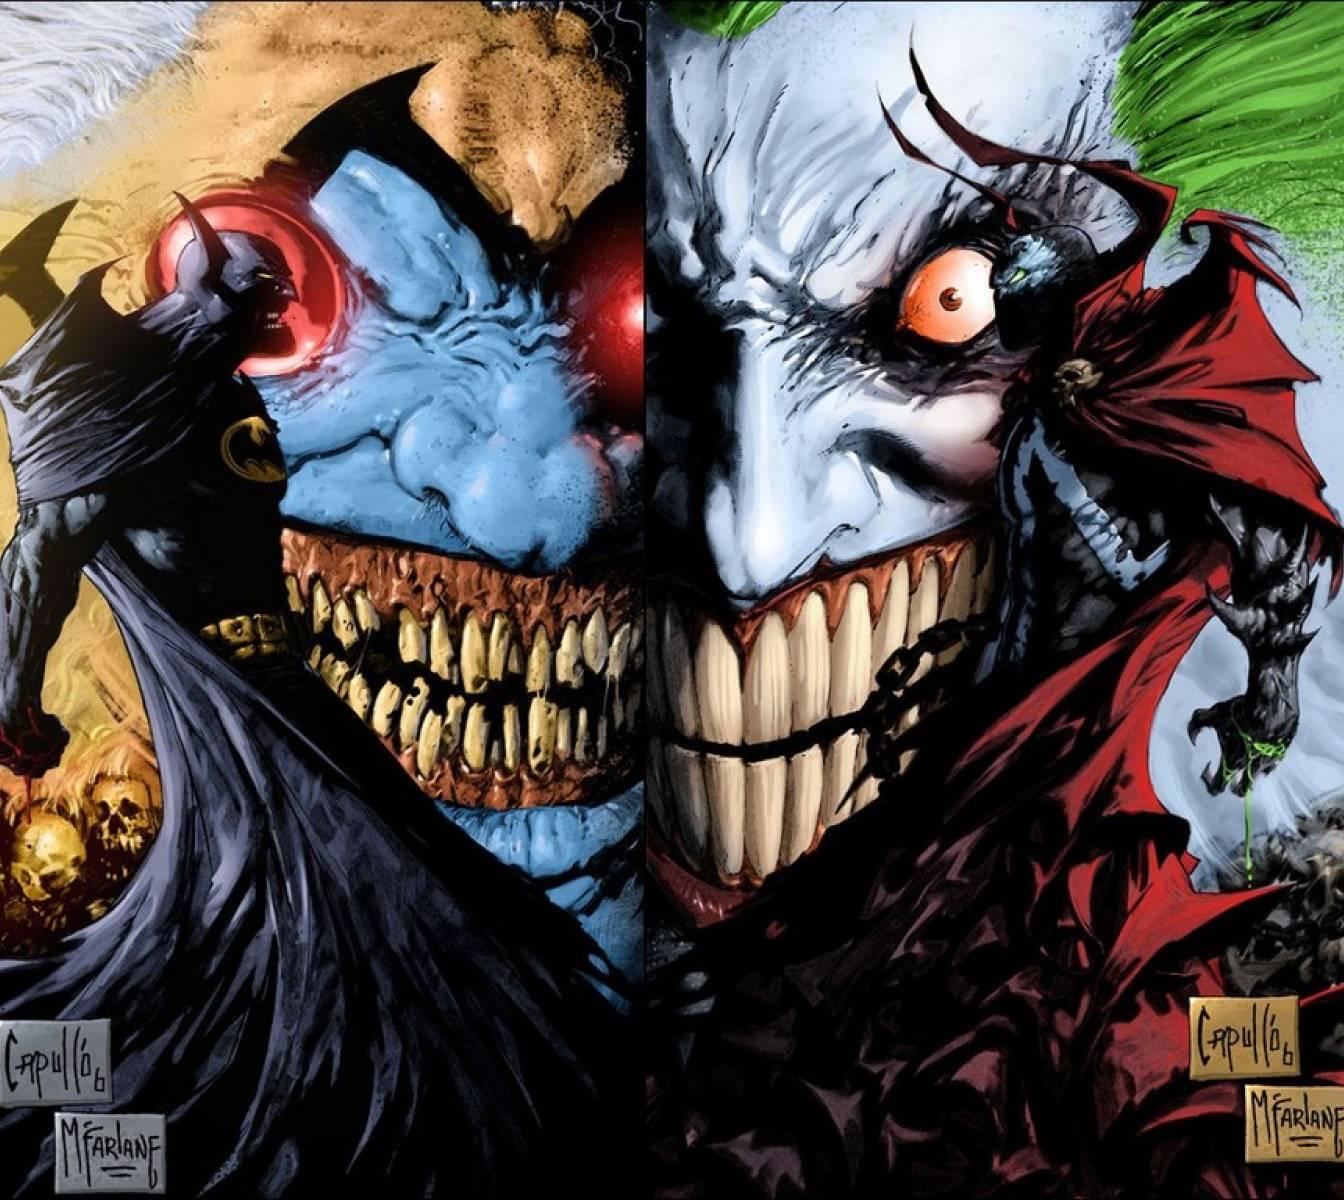 Batman V Spawn Wallpaper By Nightwing3 O ZEDGETM